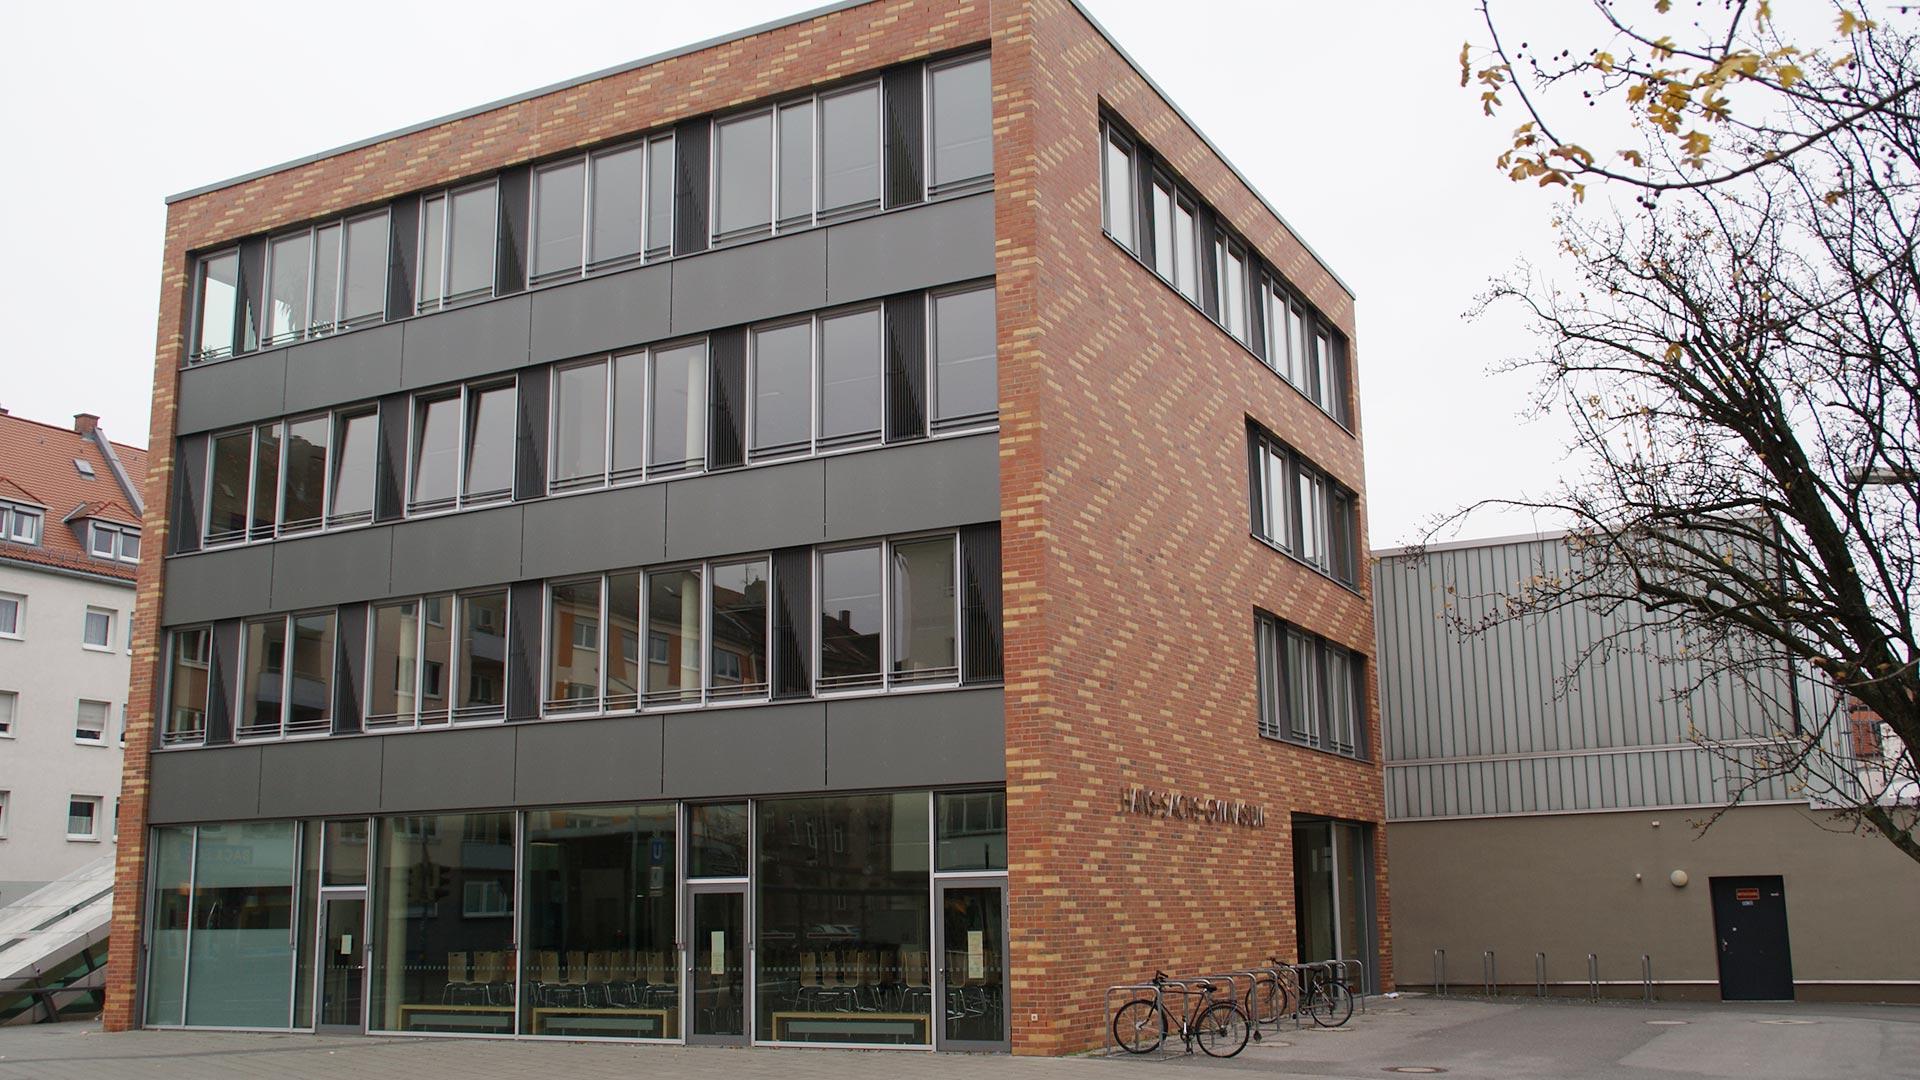 Hans-Sachs-Gymnasium Nürnberg